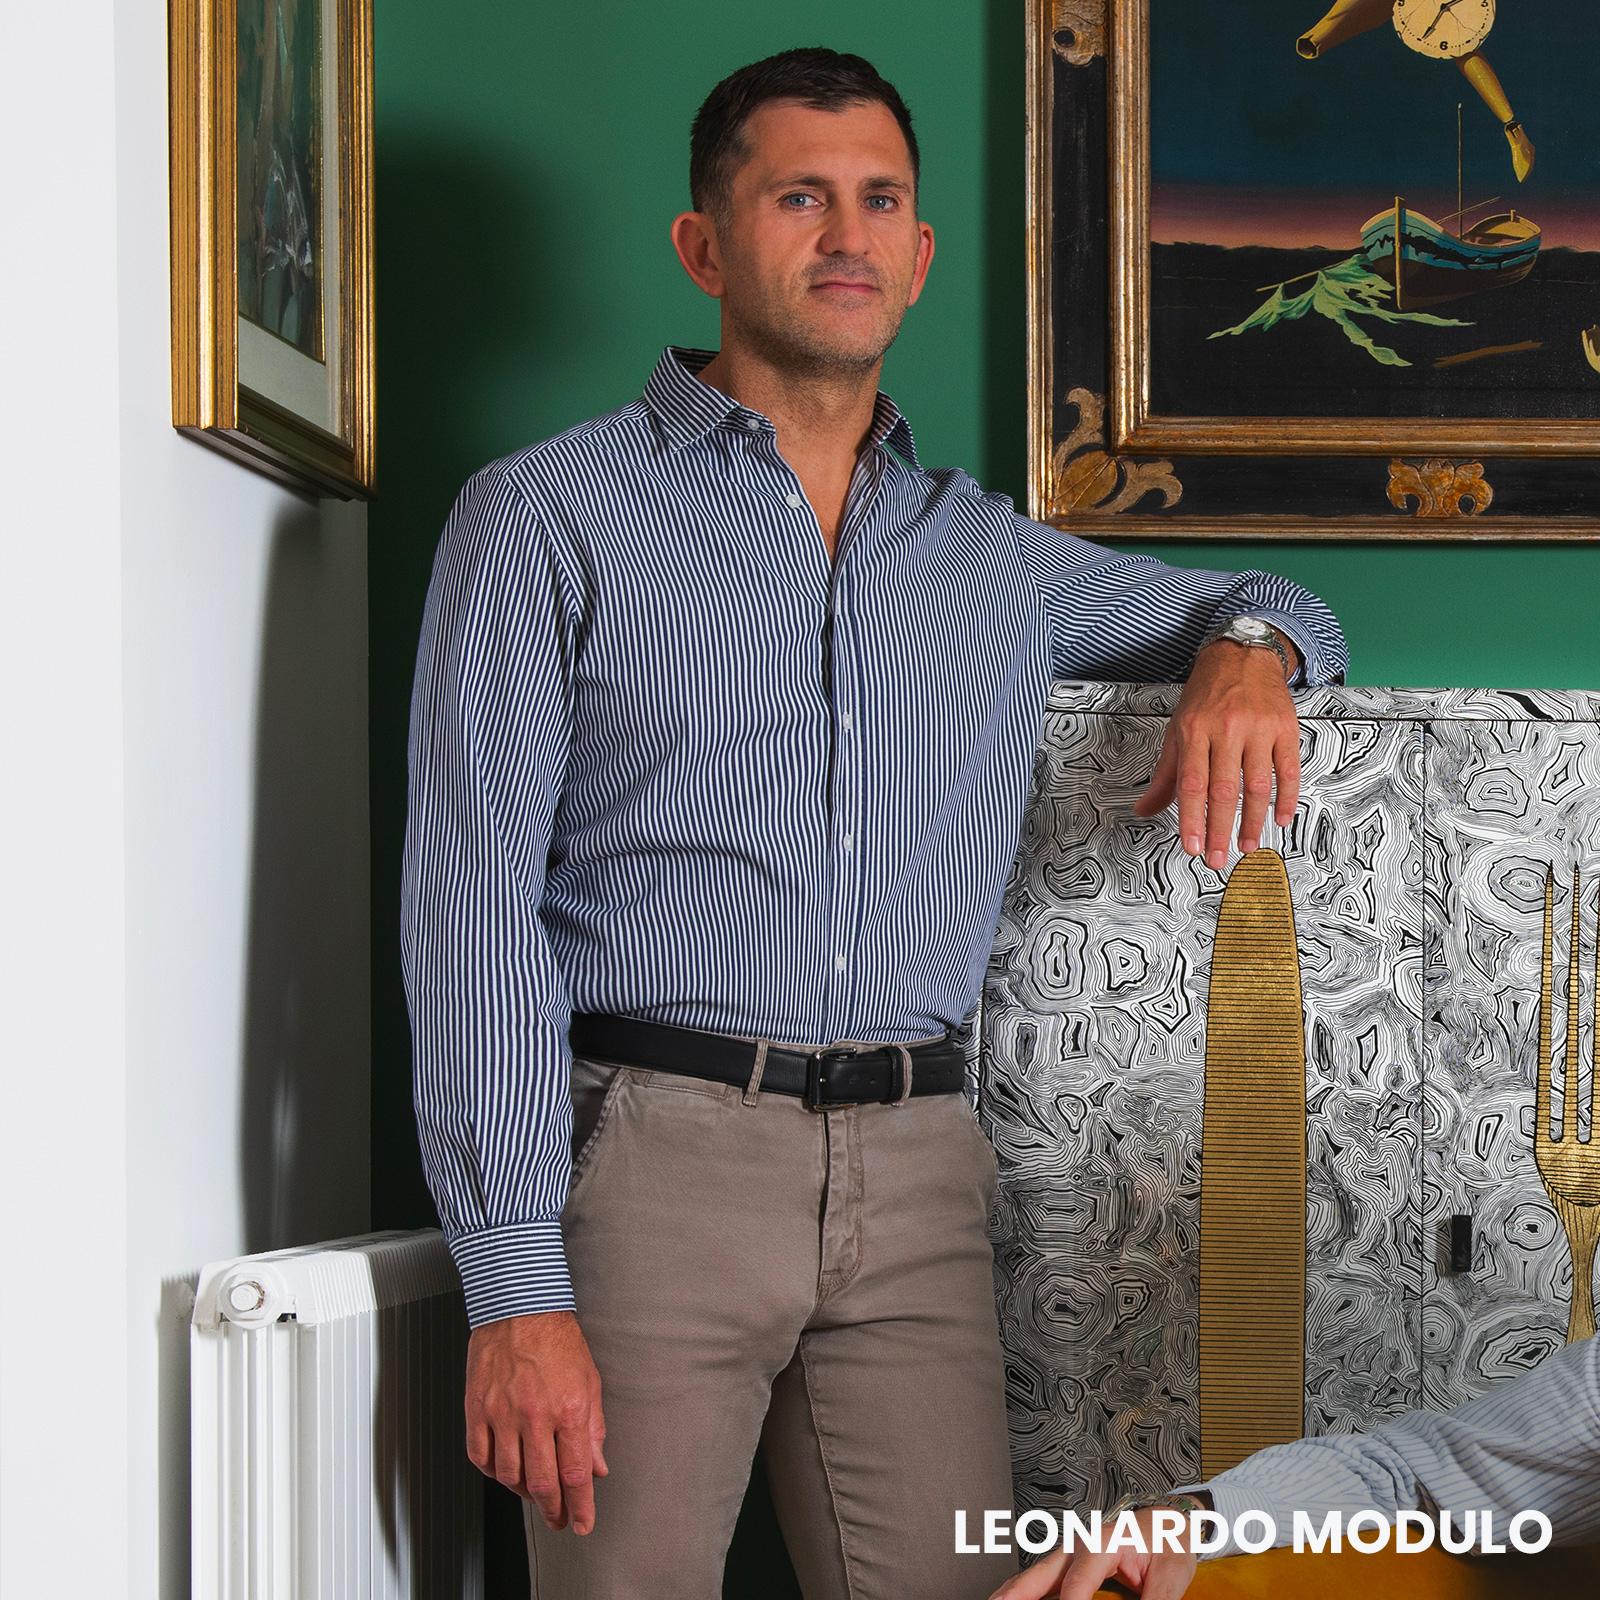 leonardo-modulo